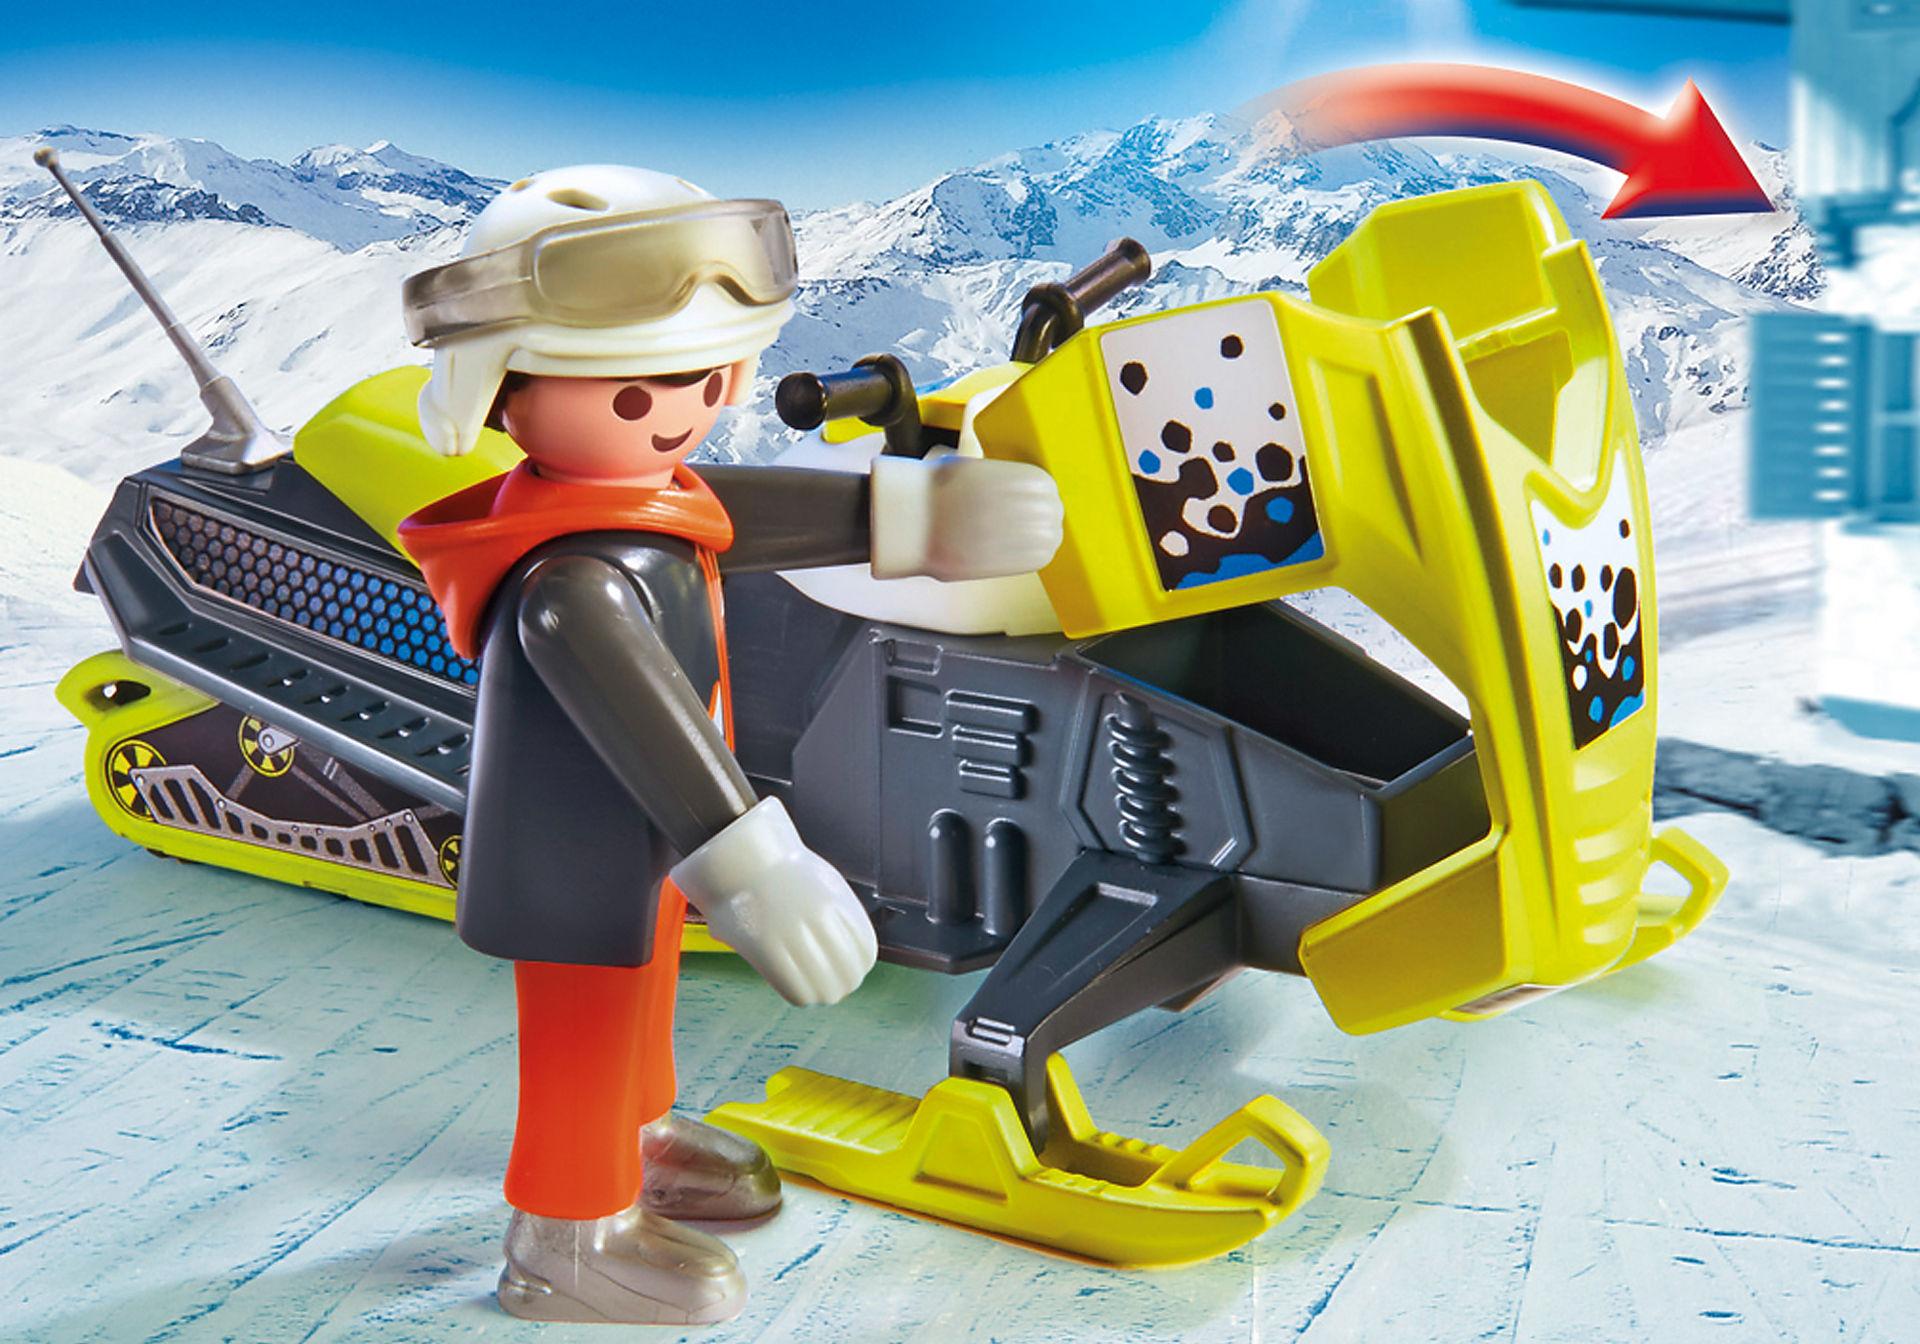 http://media.playmobil.com/i/playmobil/9285_product_extra1/Moto de Nieve